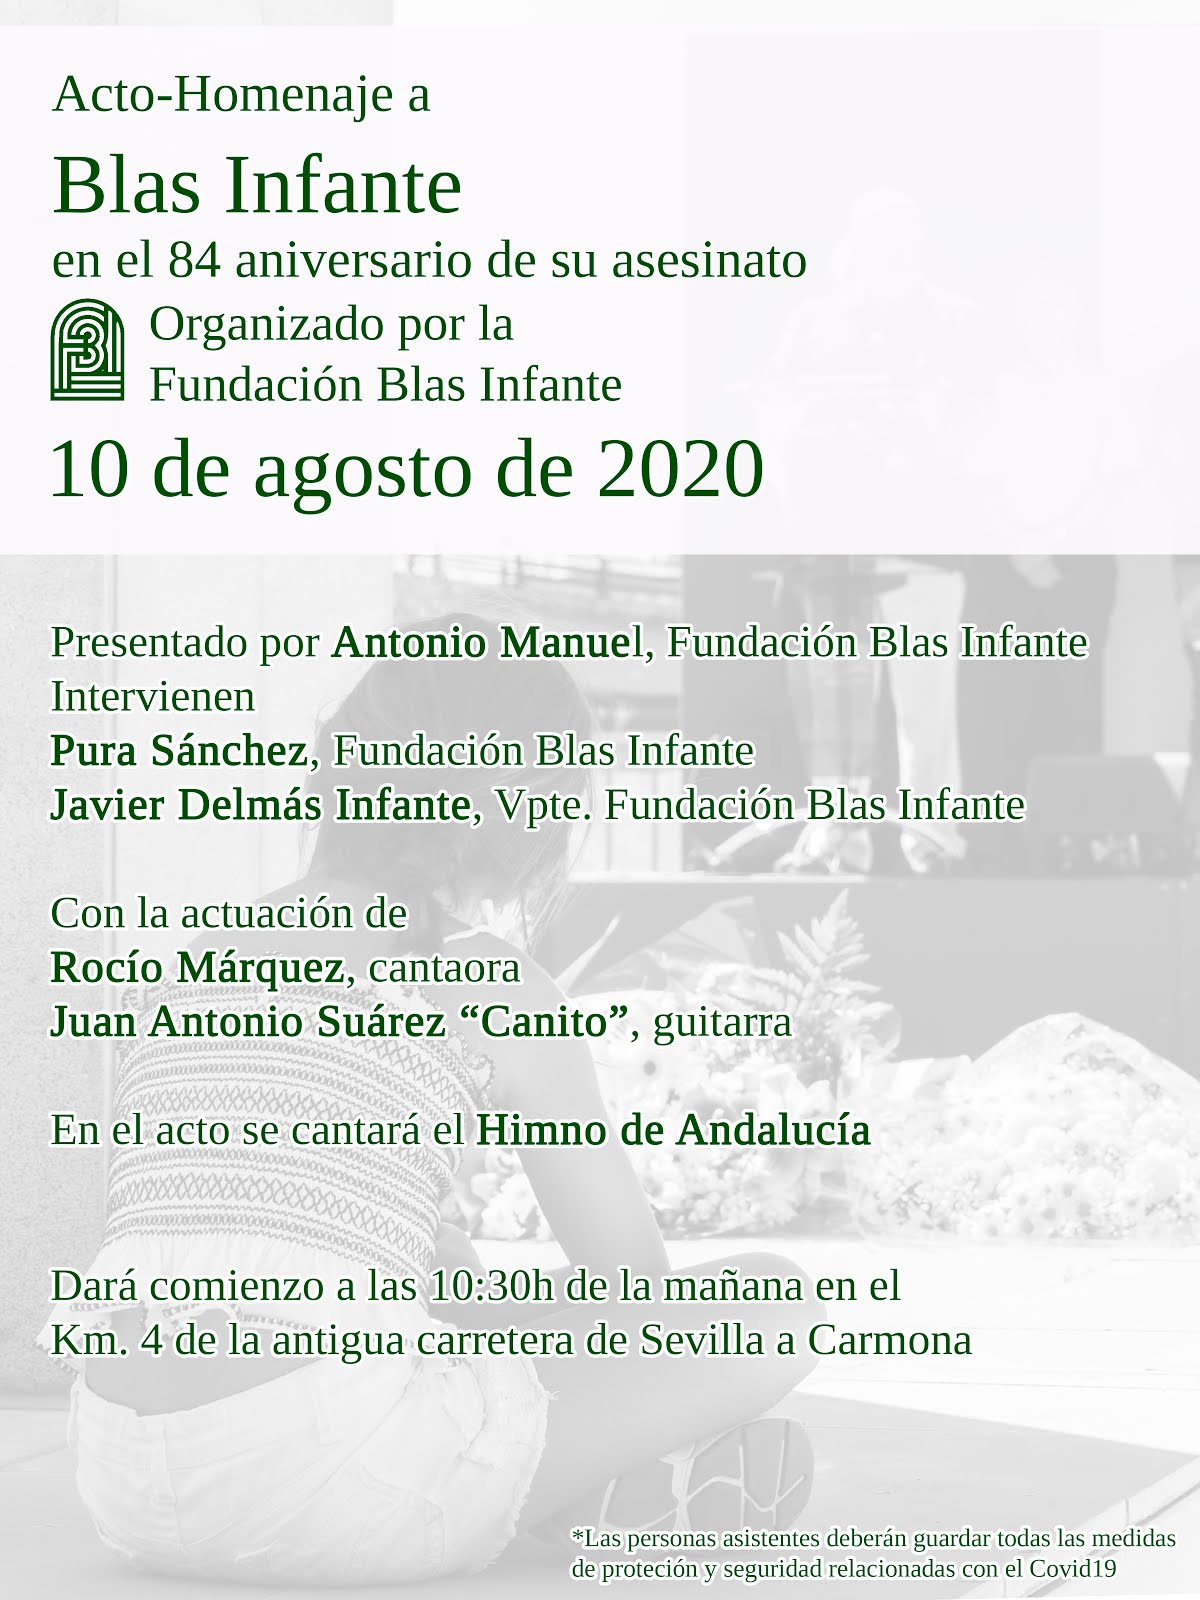 ACTO-HOMENAJE A BLAS INFANTE EN EL 84 ANIVERSARIO DE SU ASESINATO